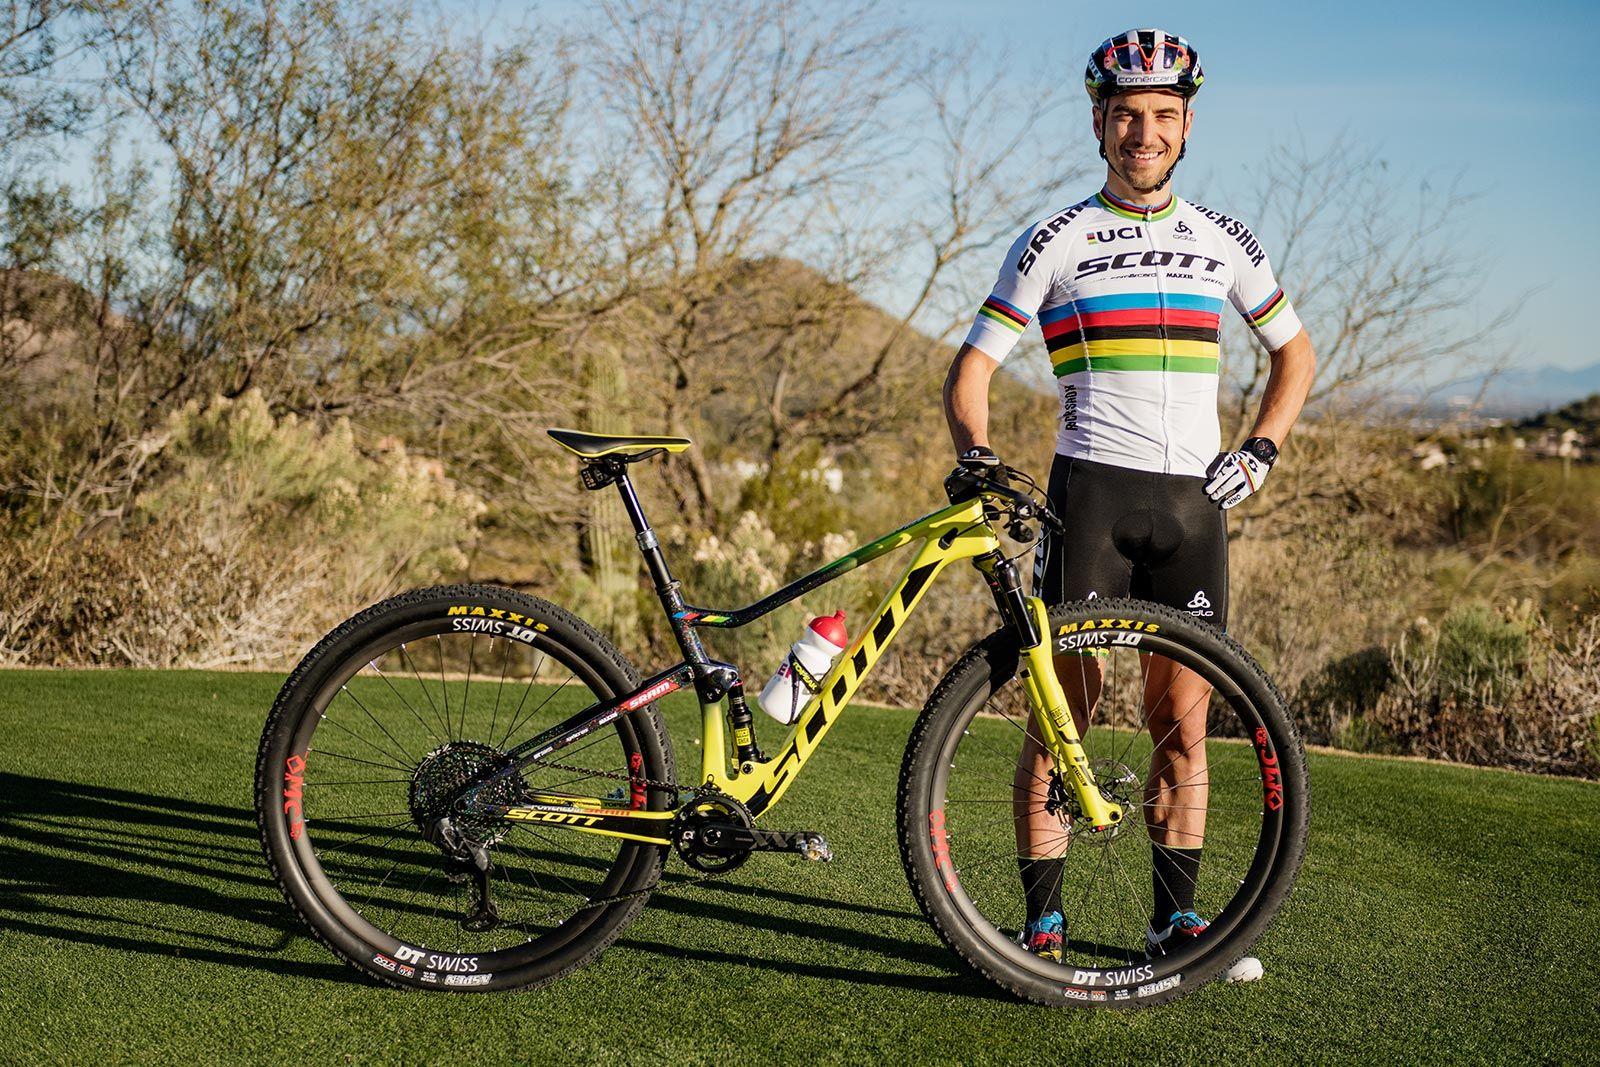 Scott Spark RC y su rider más famoso